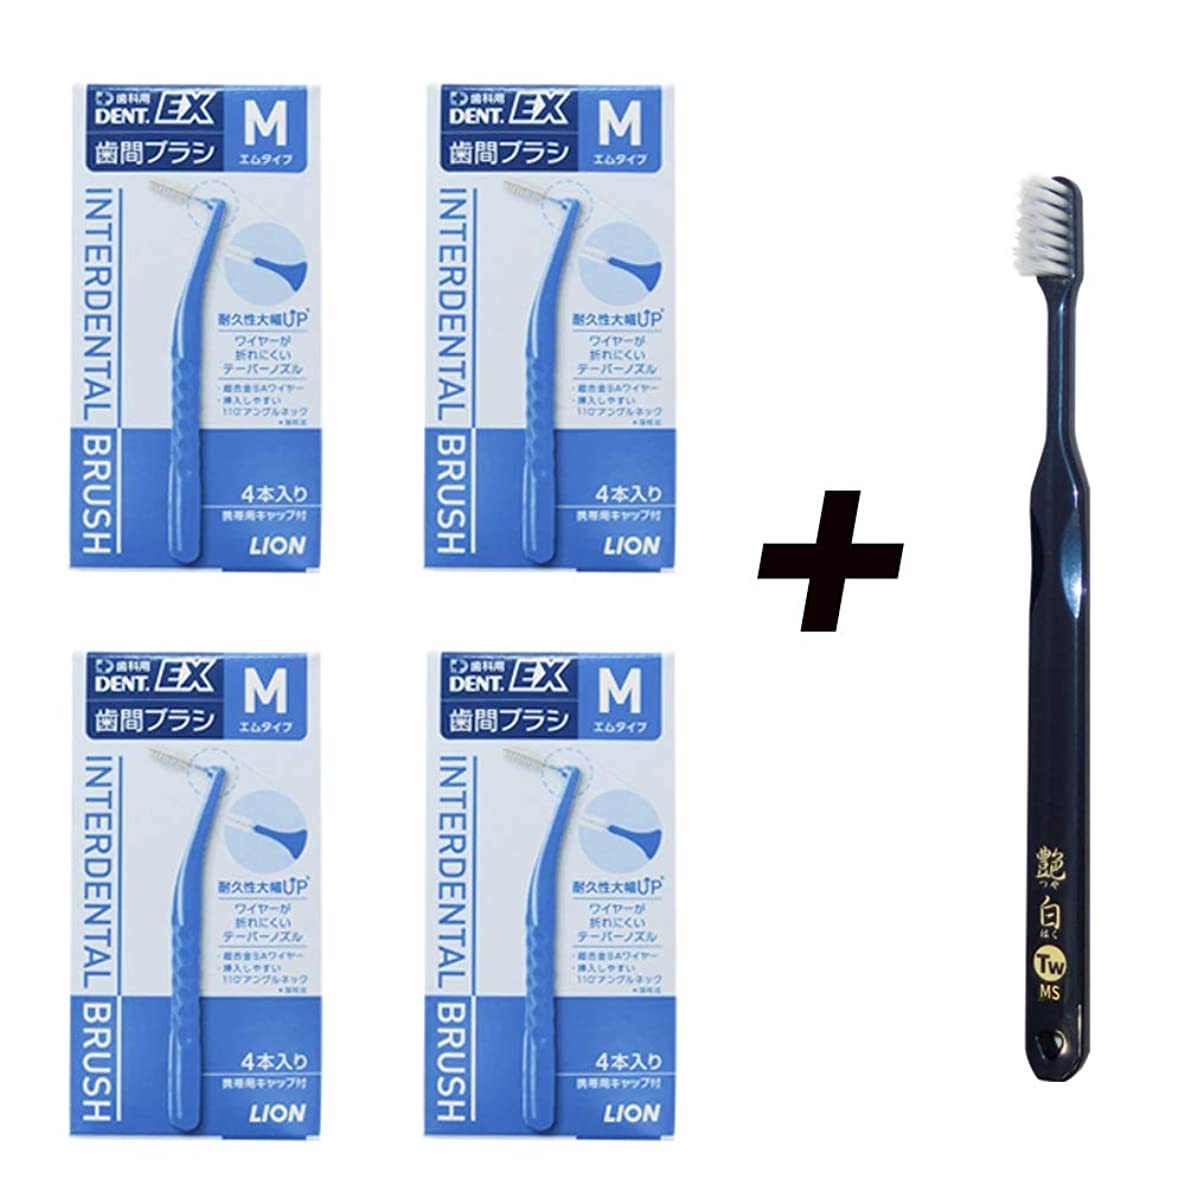 警官消えるアマゾンジャングルライオンデントex歯間ブラシ 4本入× 4個 M(ブルー) +艶白(つやはく) Tw ツイン(二段植毛) 歯ブラシ×1本 MS(やややわらかめ) 歯科専売品